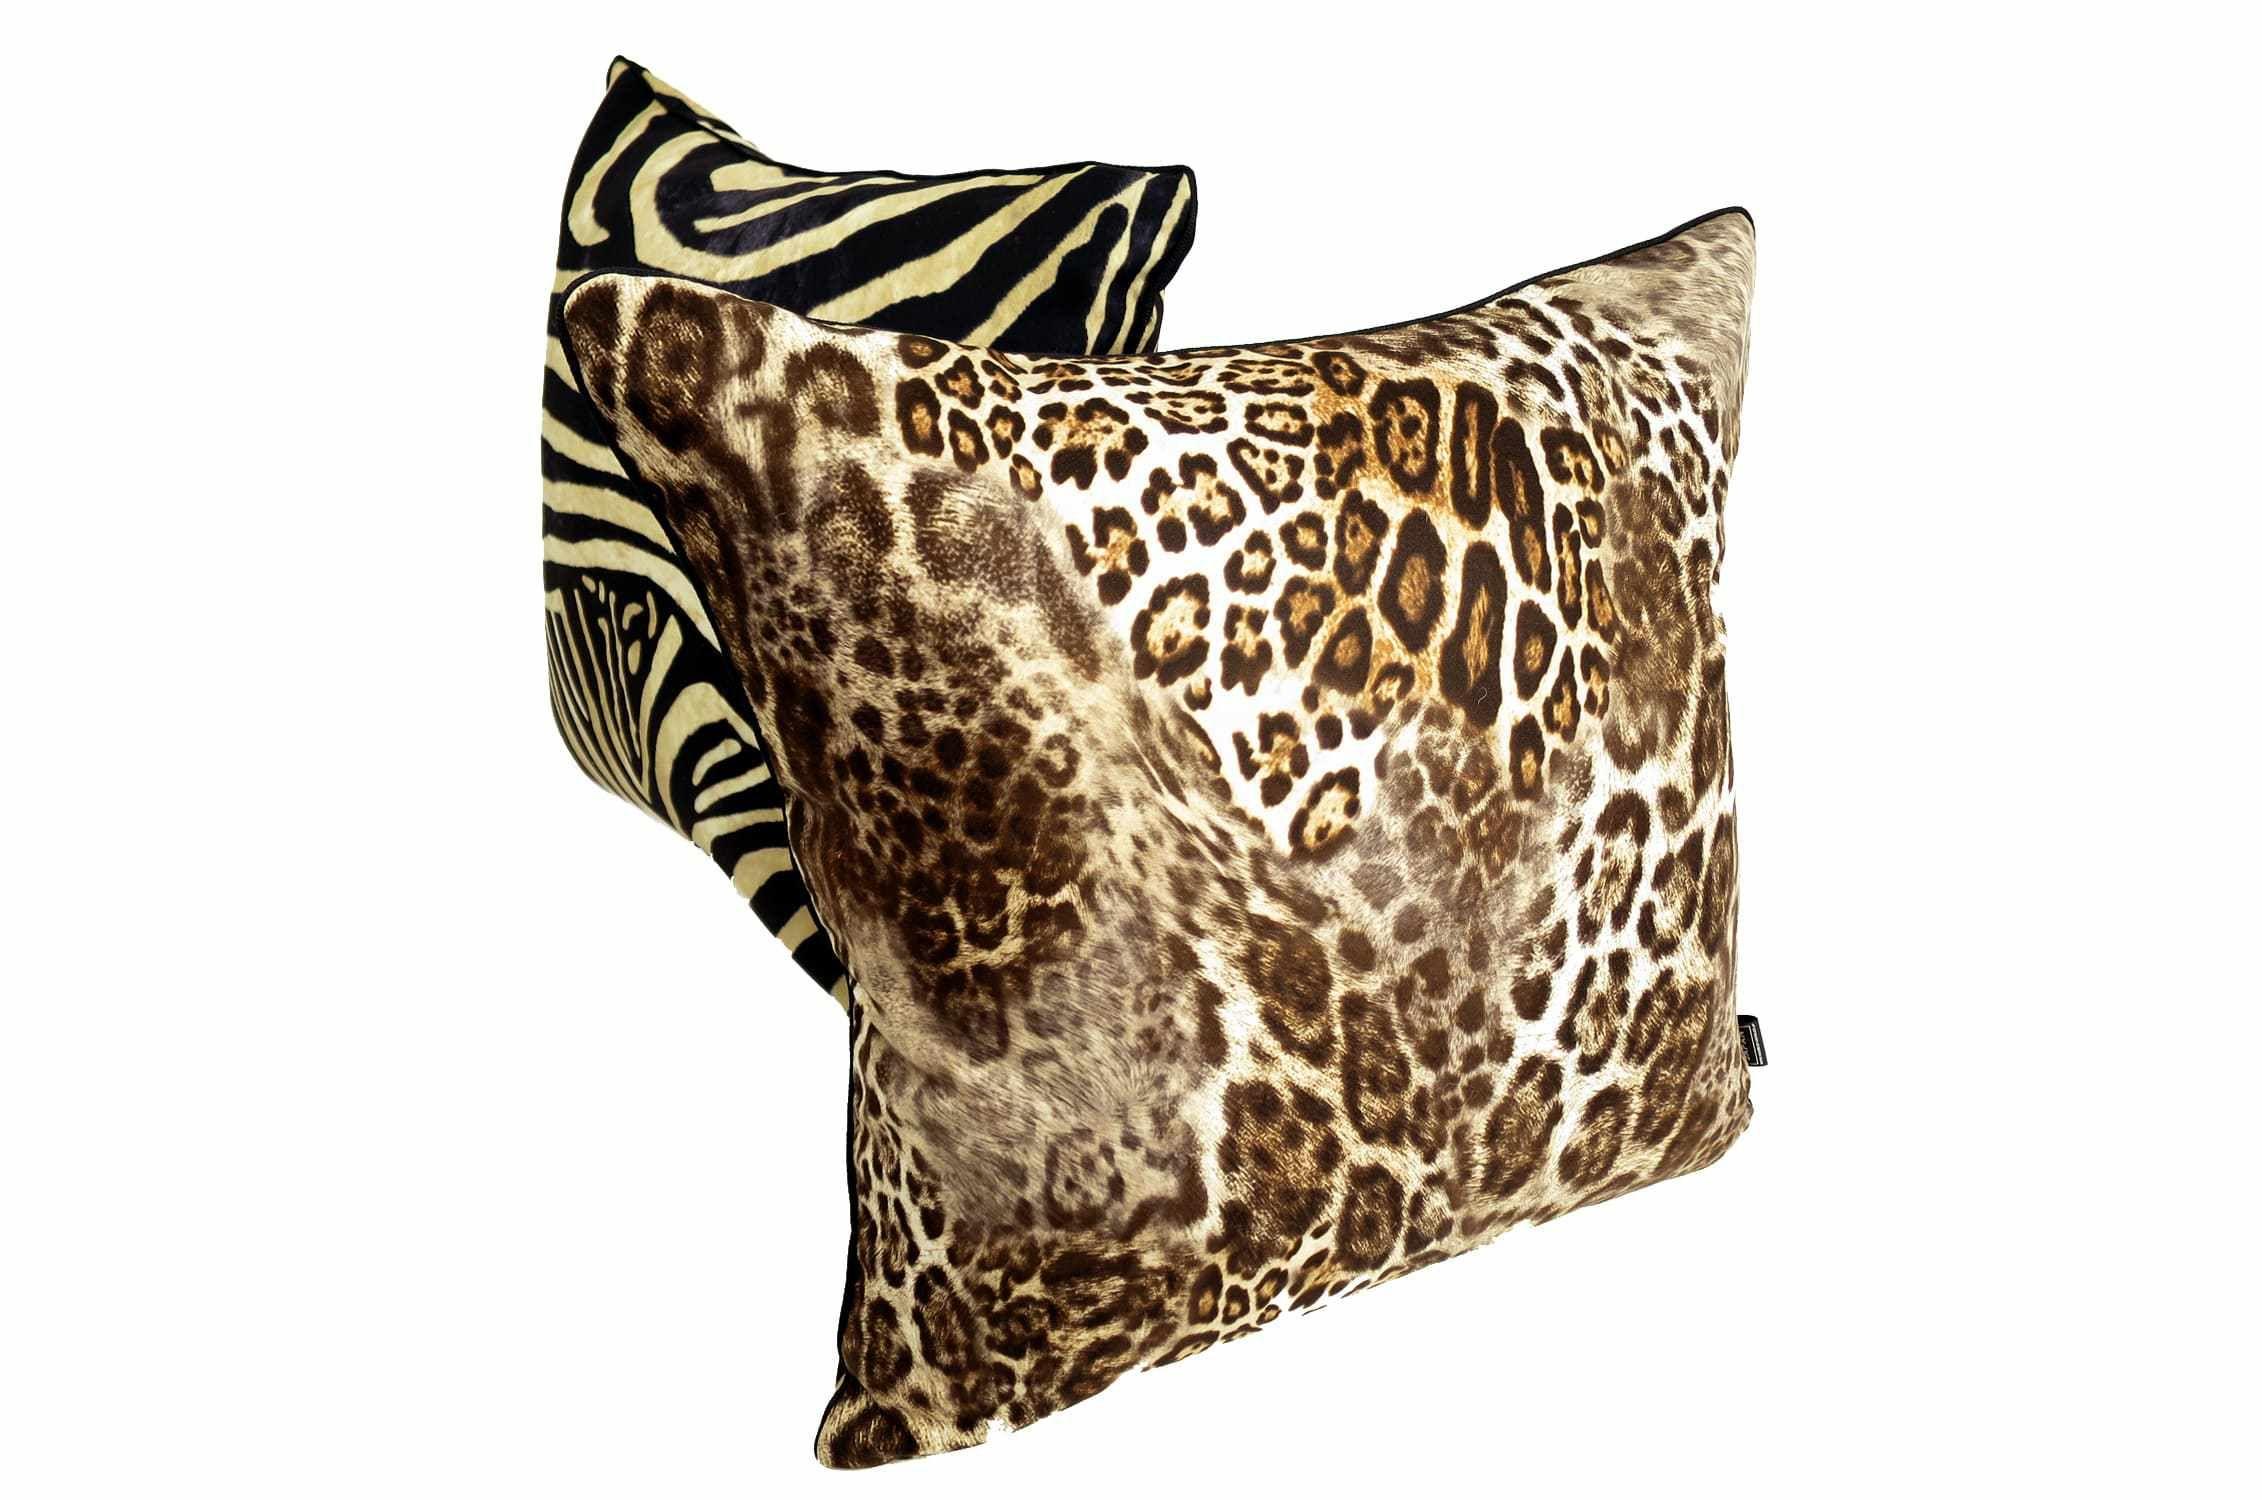 落ち着いたブラウンのヒョウ柄が実にスタイリッシュなクッションカバー  #クッション #クッションカバー #アニマル #safari #ヒョウ柄 #leopard #cushion #cushioncover #pillow